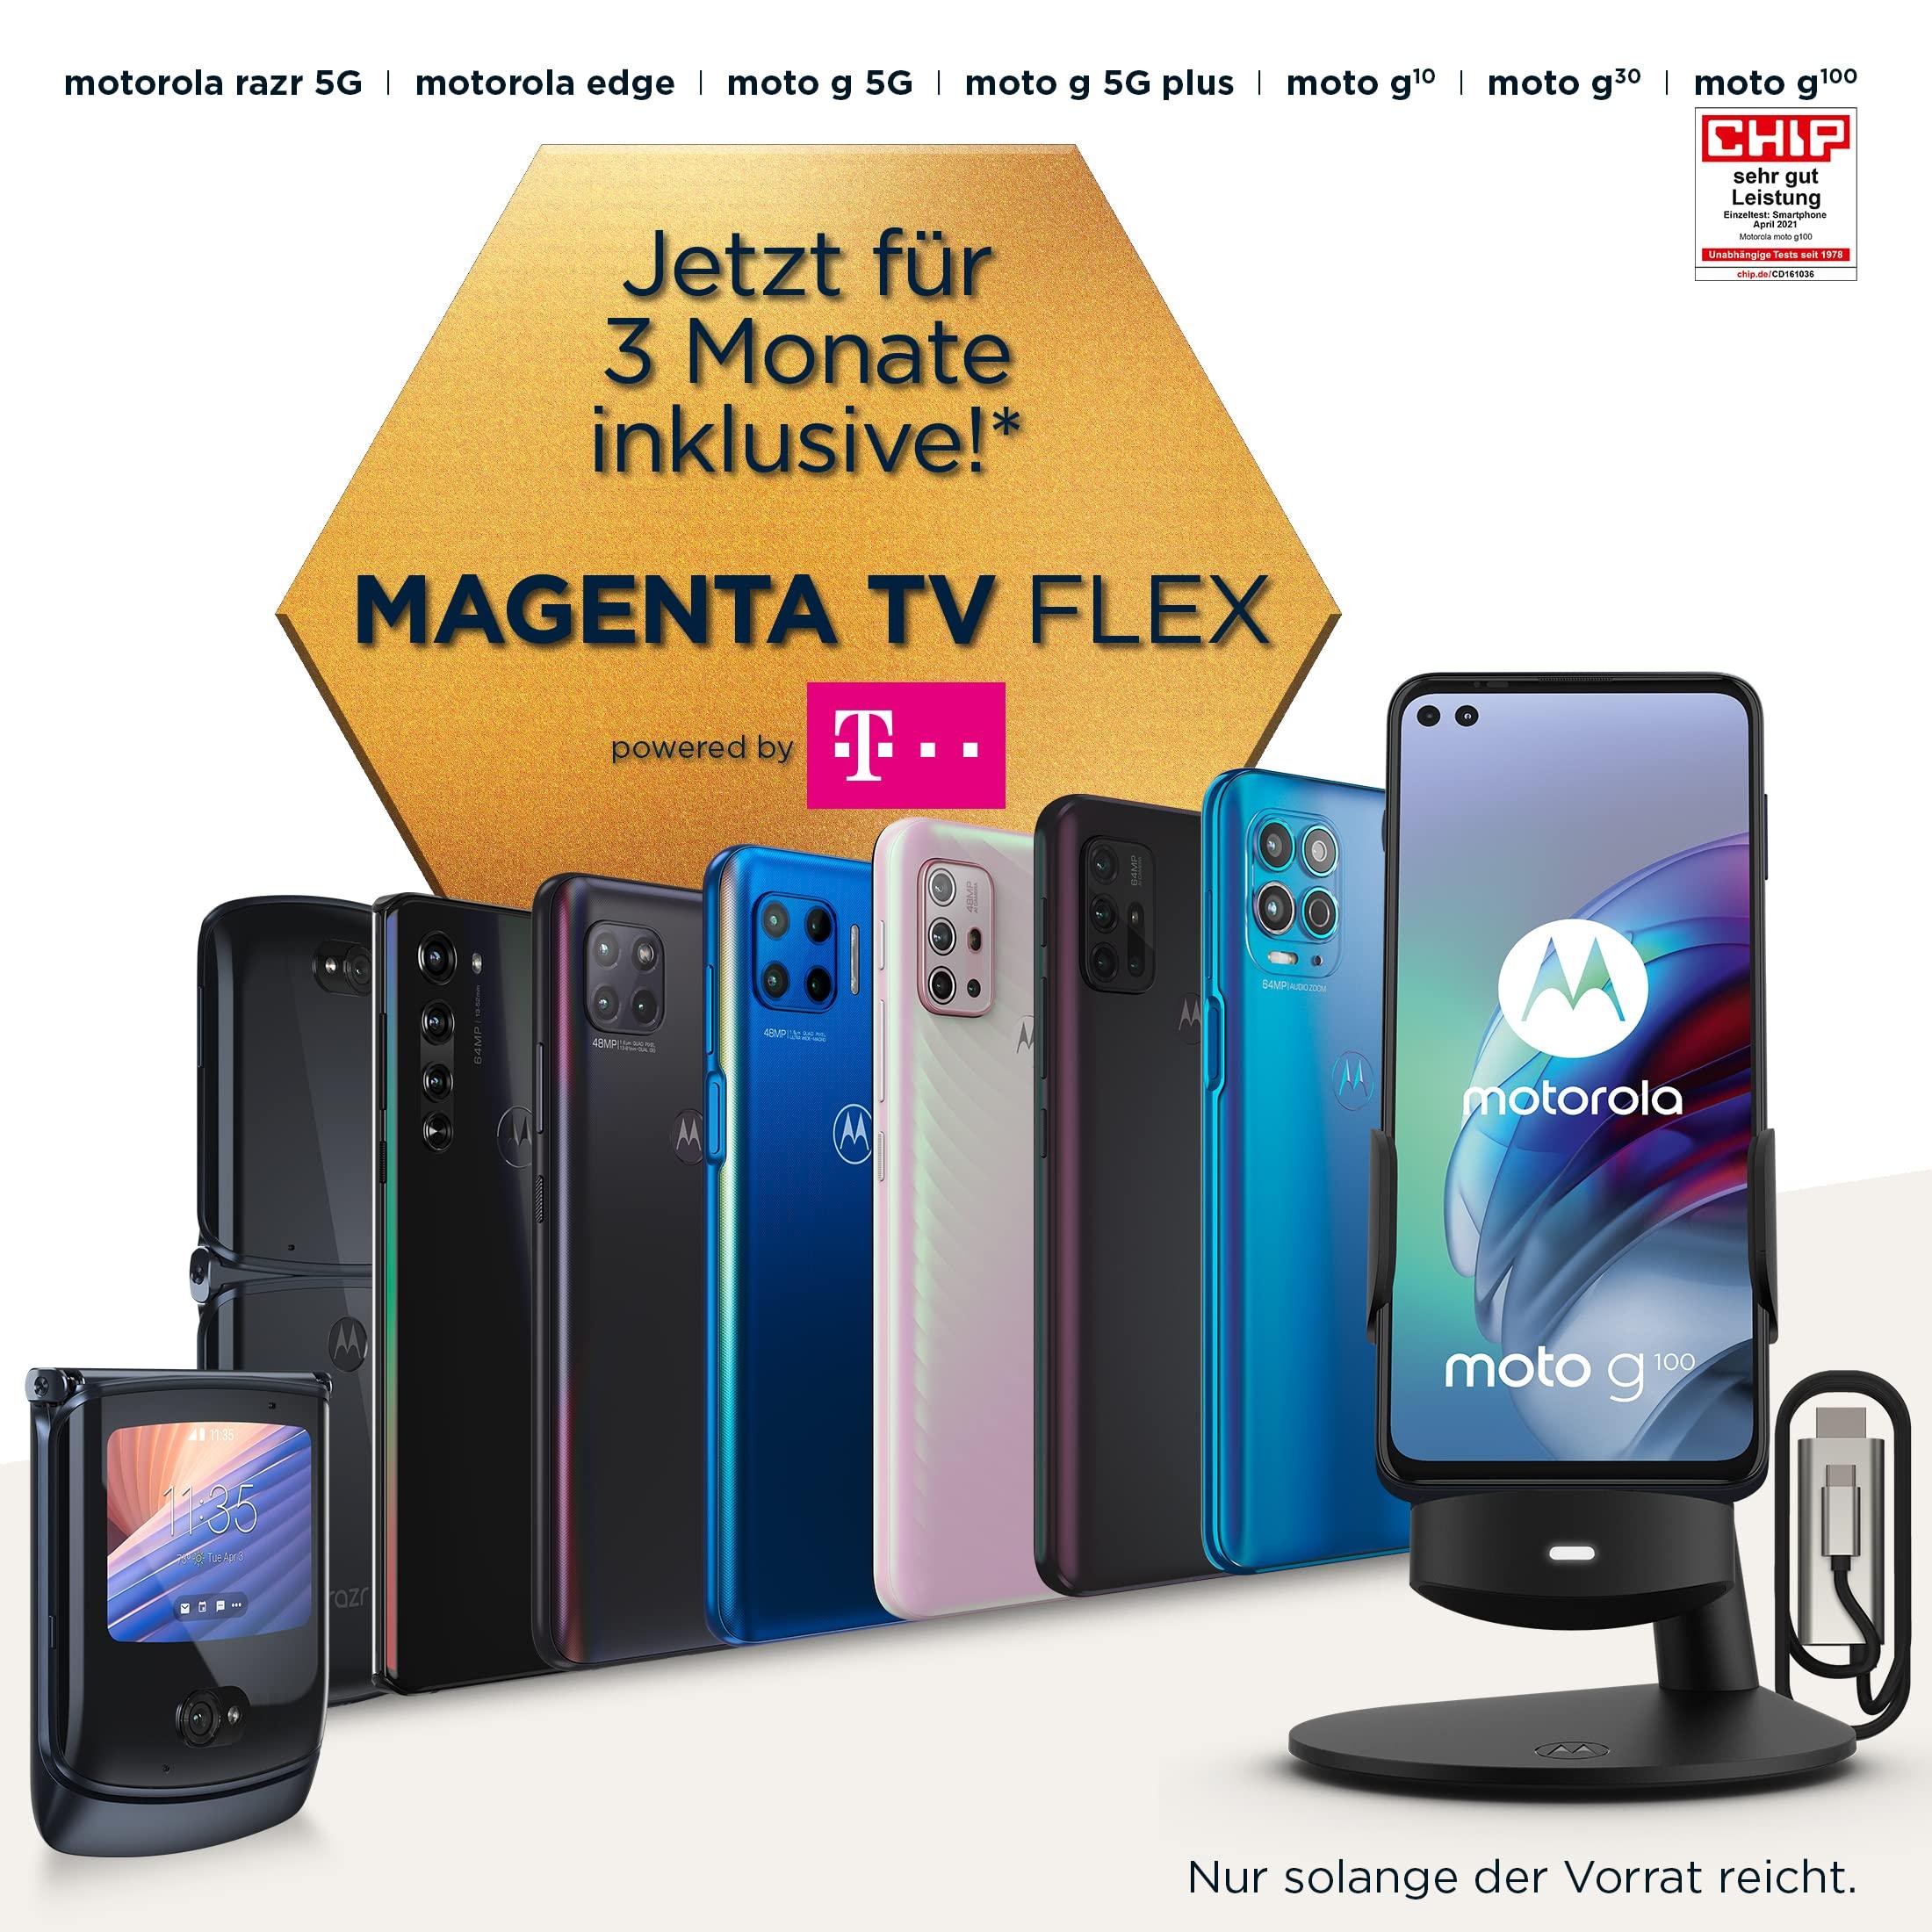 Jetzt Motorola Aktionsgerät kaufen und Voucher für 3 Monate MagentaTV Flex erhalten